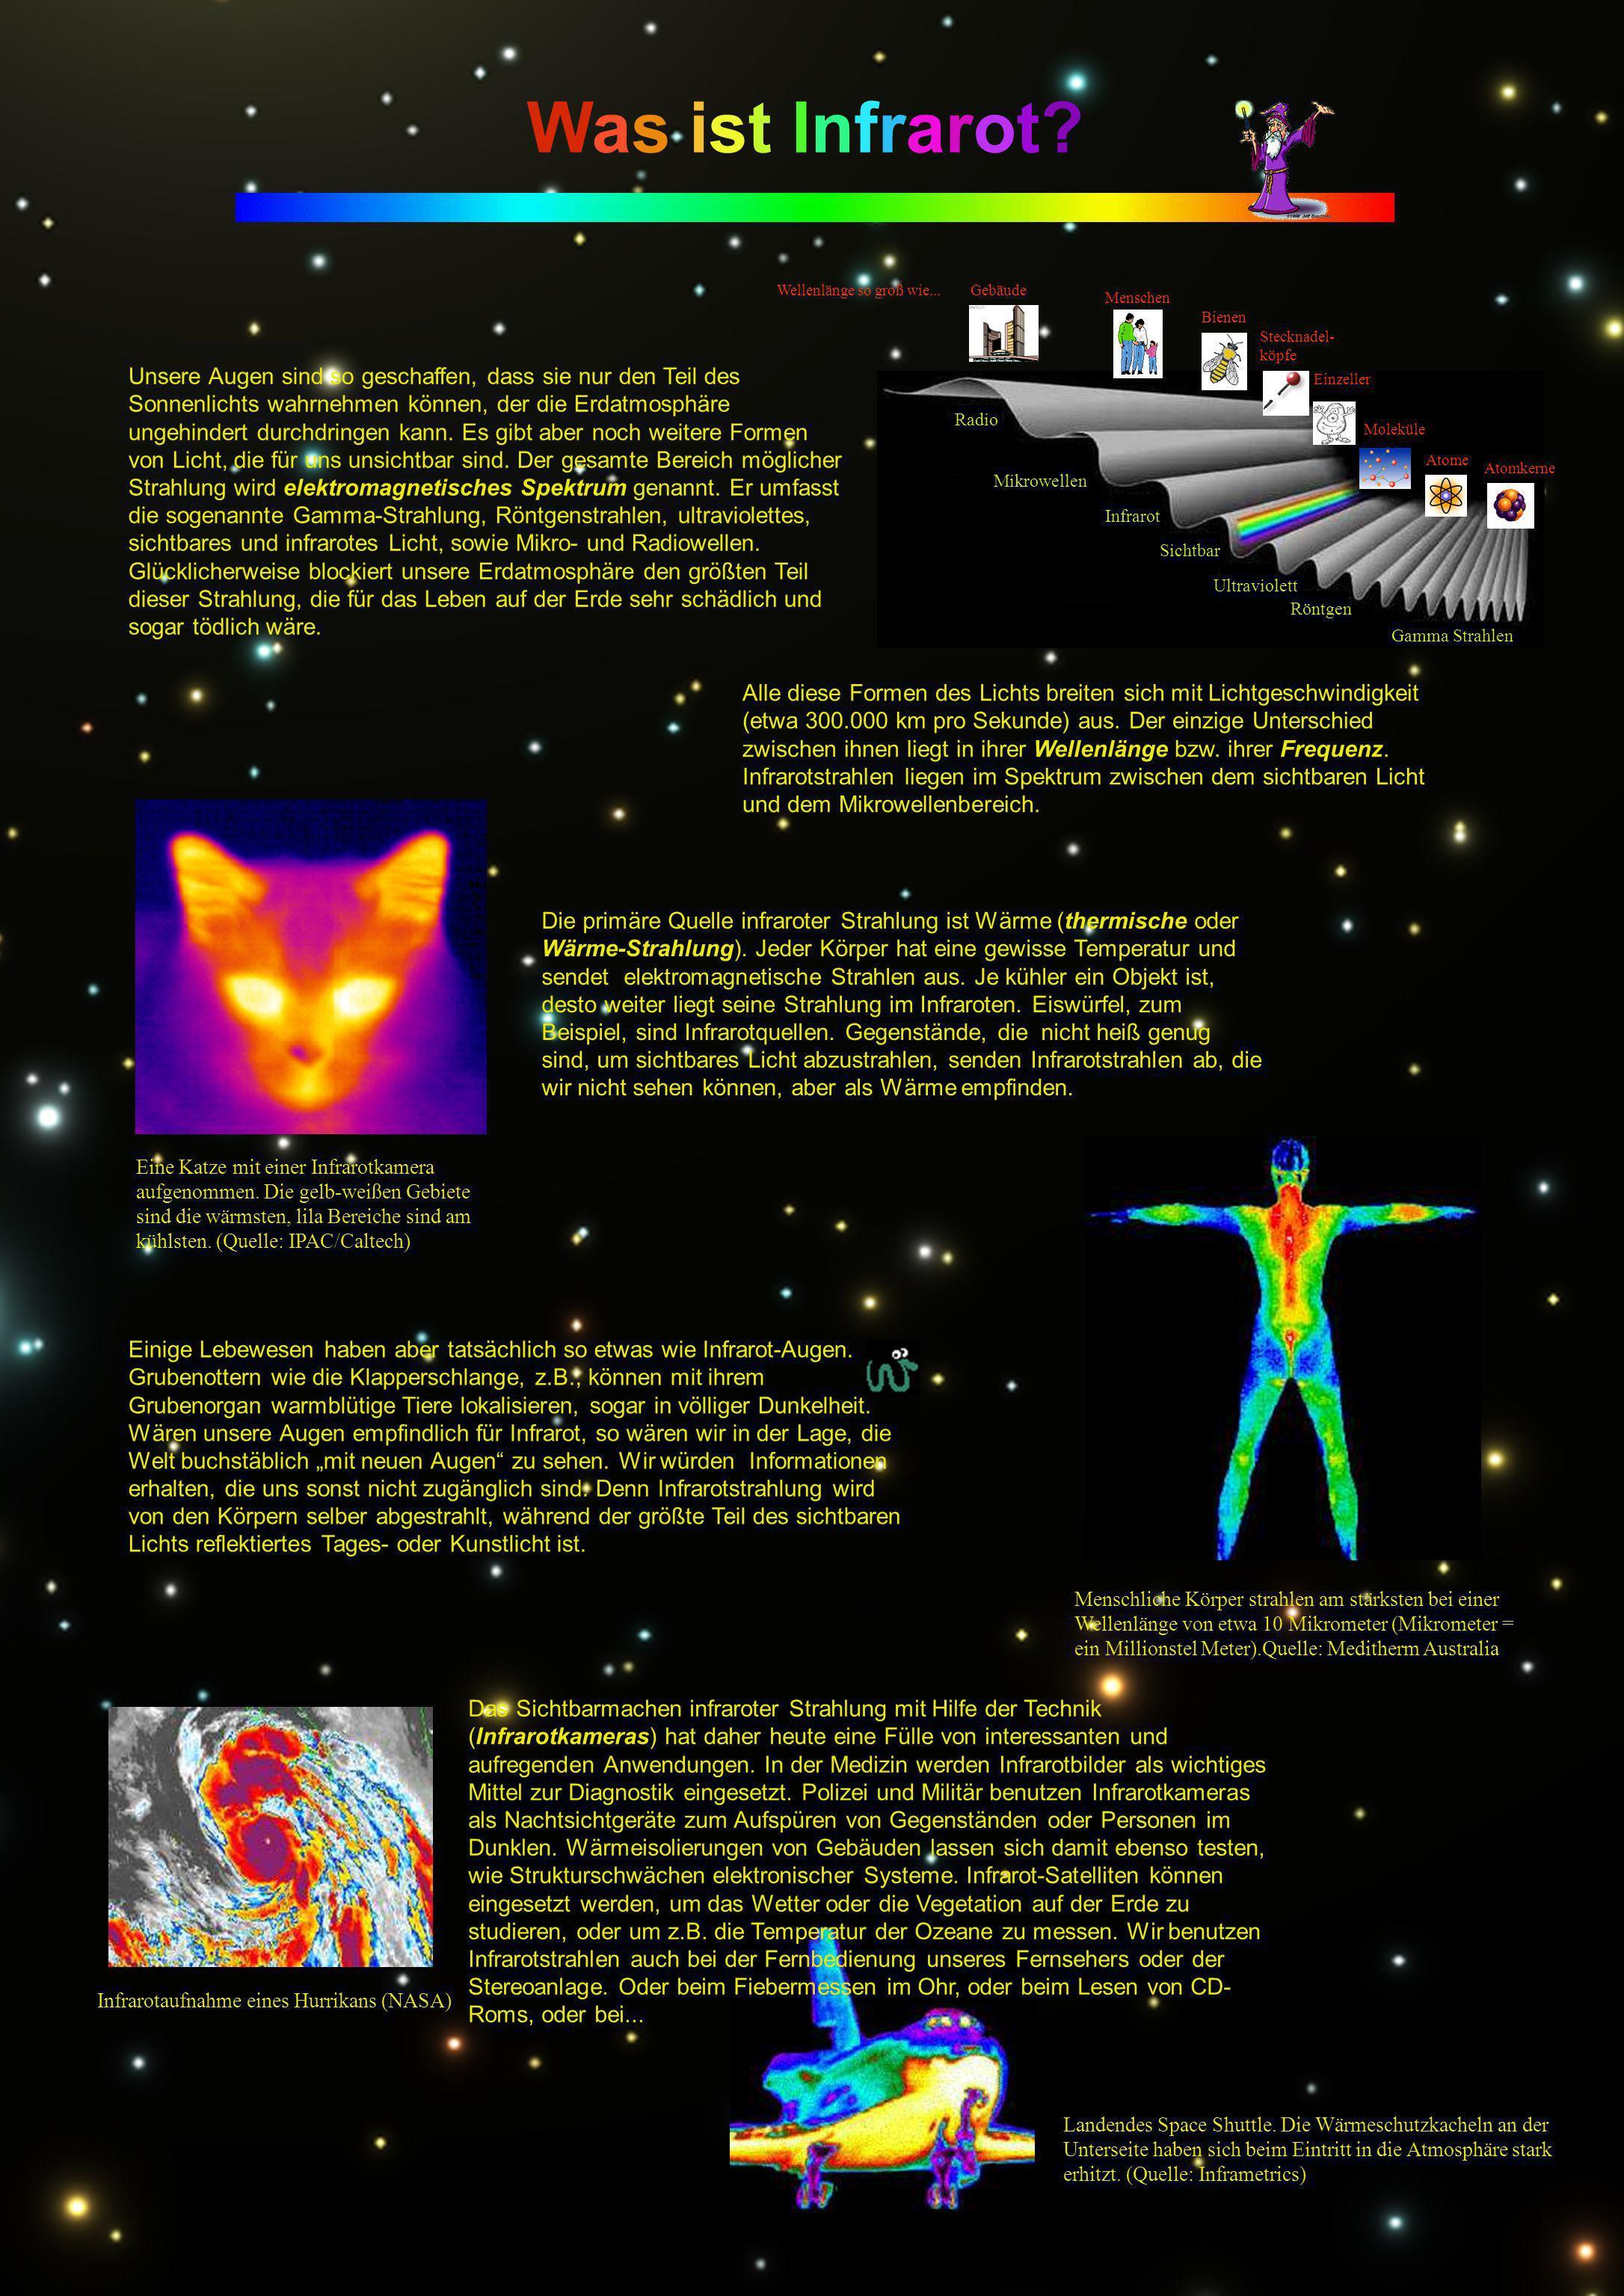 Was ist Infrarot Radio. Infrarot. Sichtbar. Ultraviolett. Röntgen. Gamma Strahlen. Wellenlänge so groß wie...